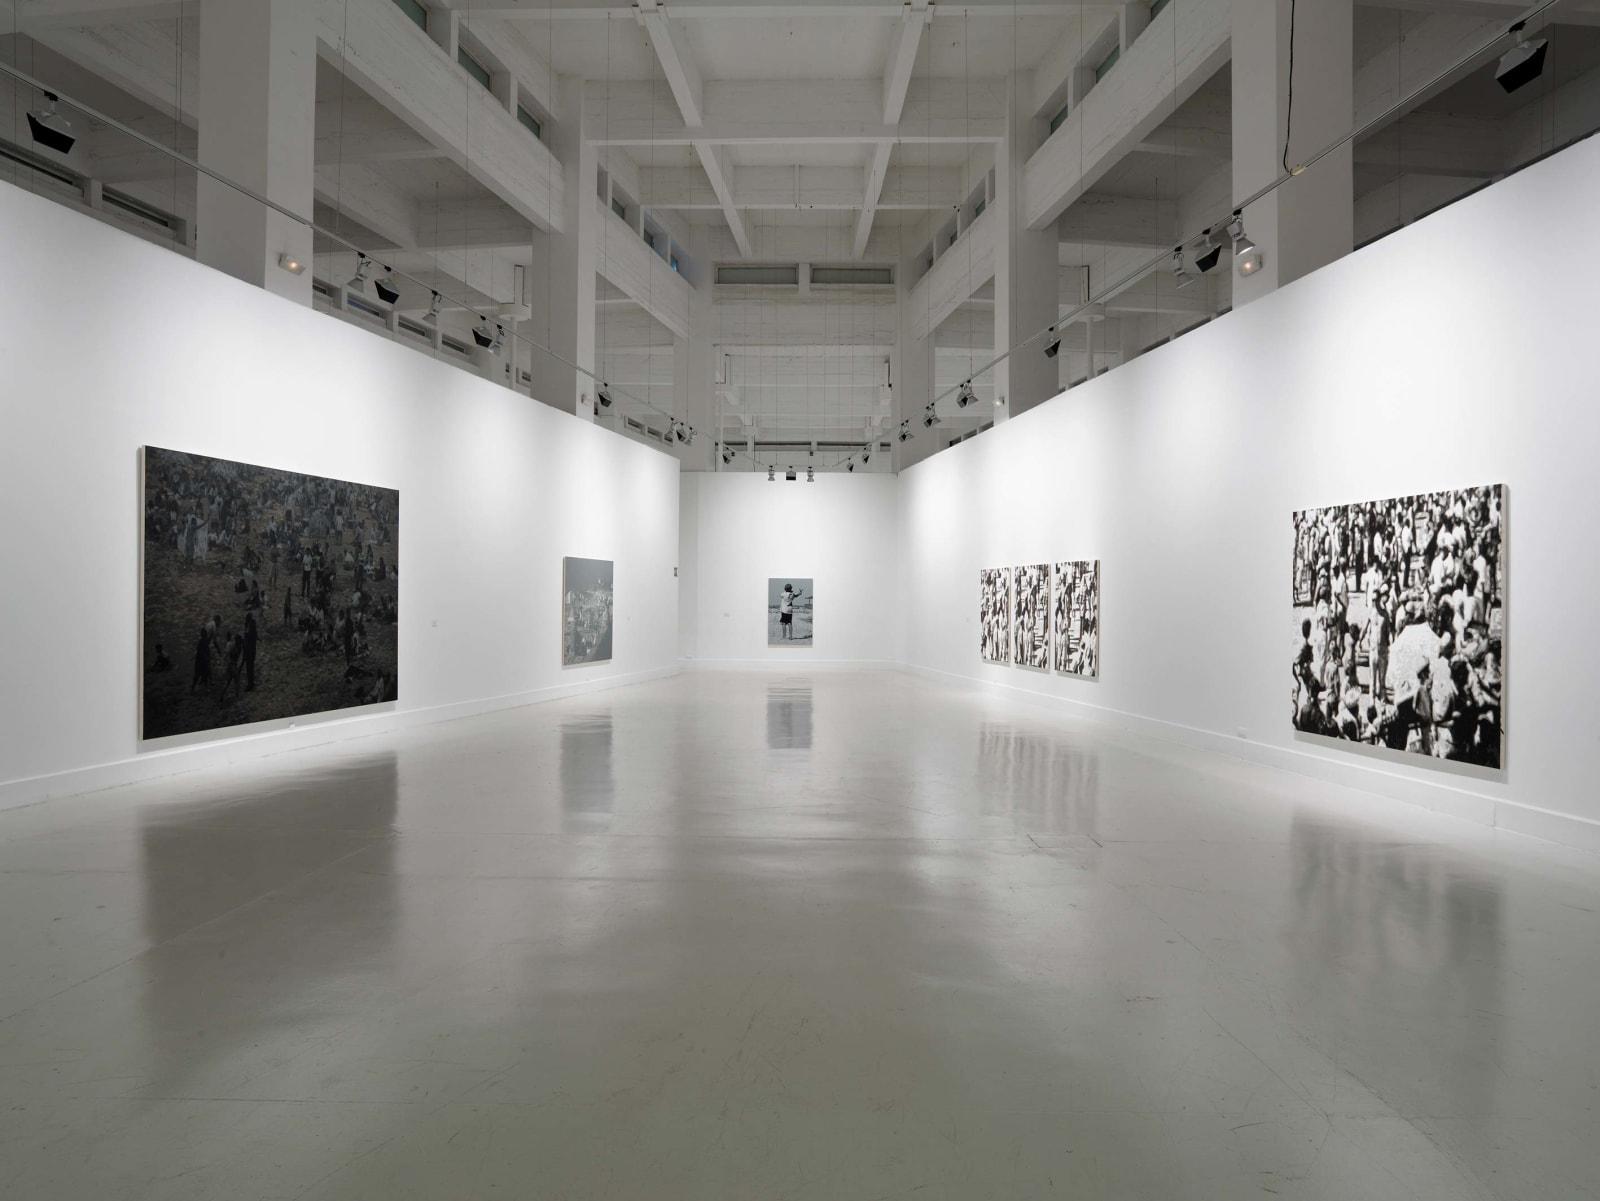 <p>Installation view:Wayne Gonzales, CAC Malága,Malága (2011).</p>